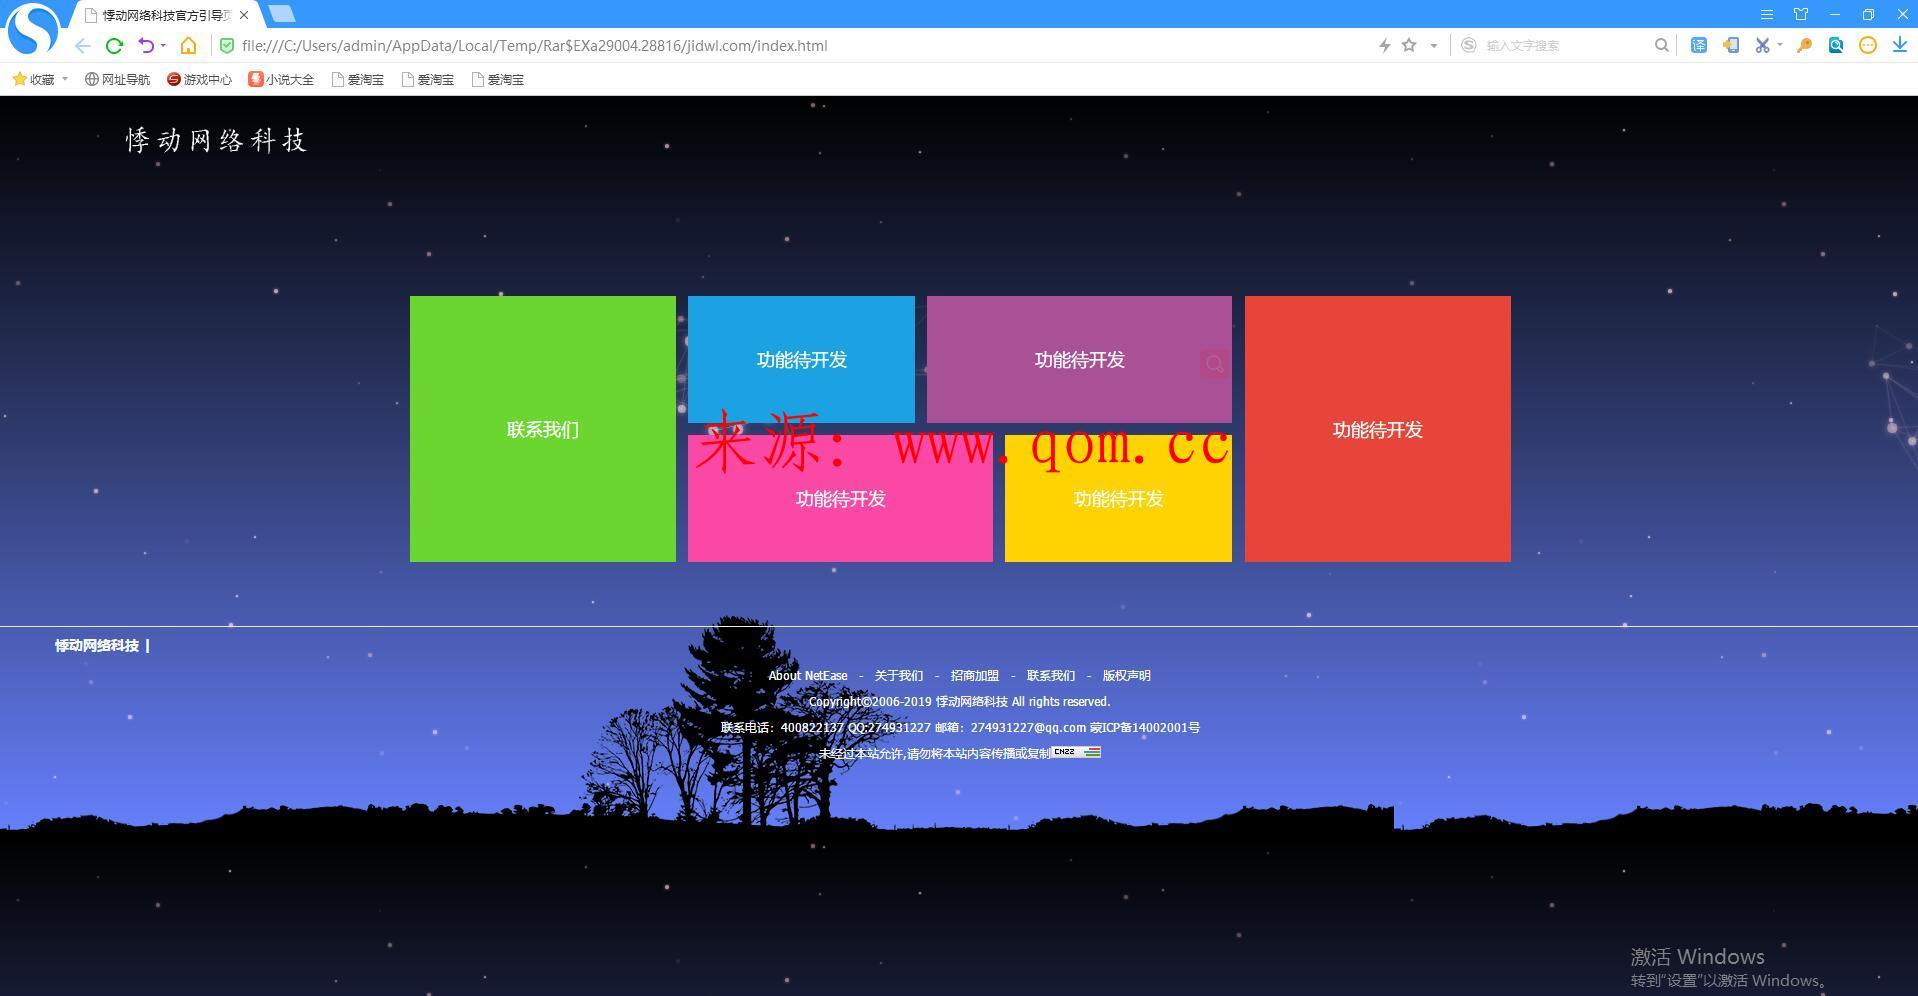 唯美首页纯静态html引导页